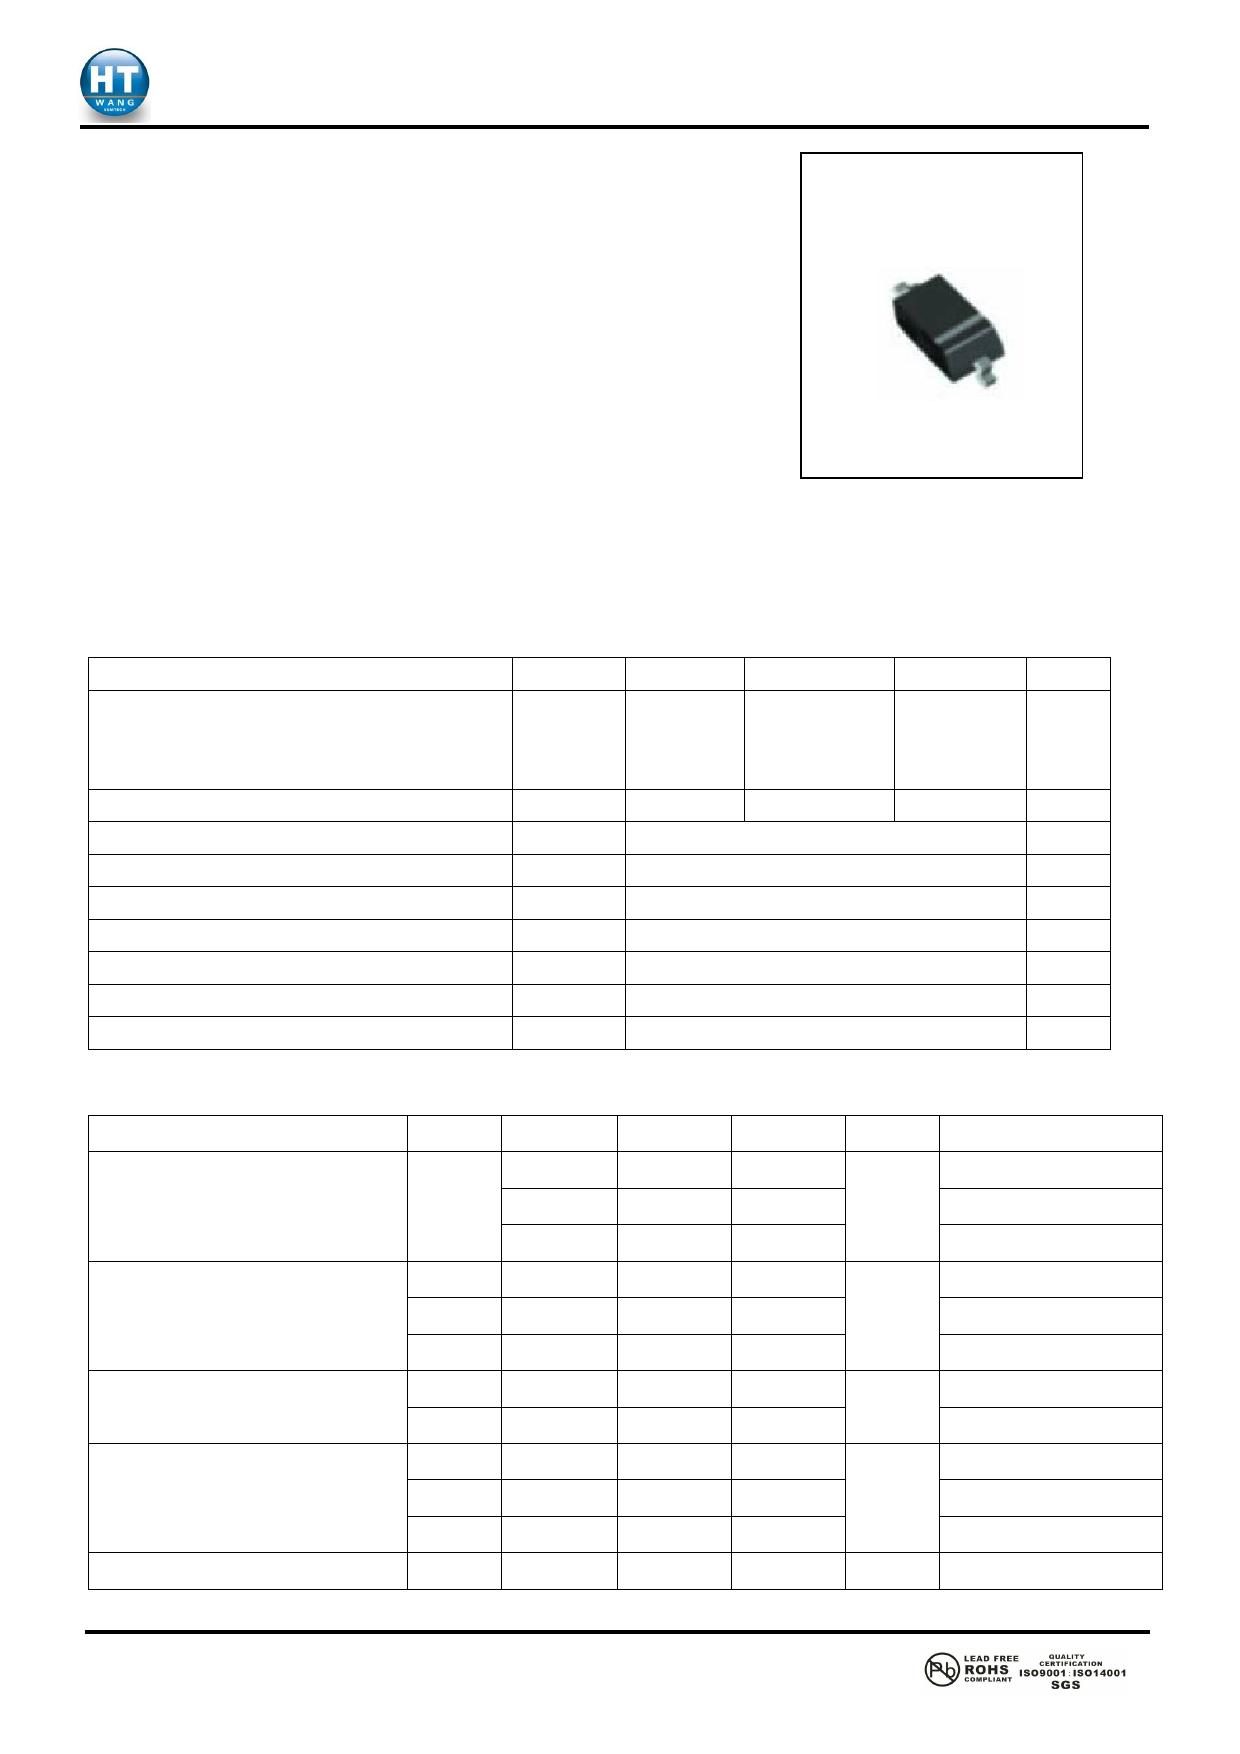 B0520WS دیتاشیت PDF